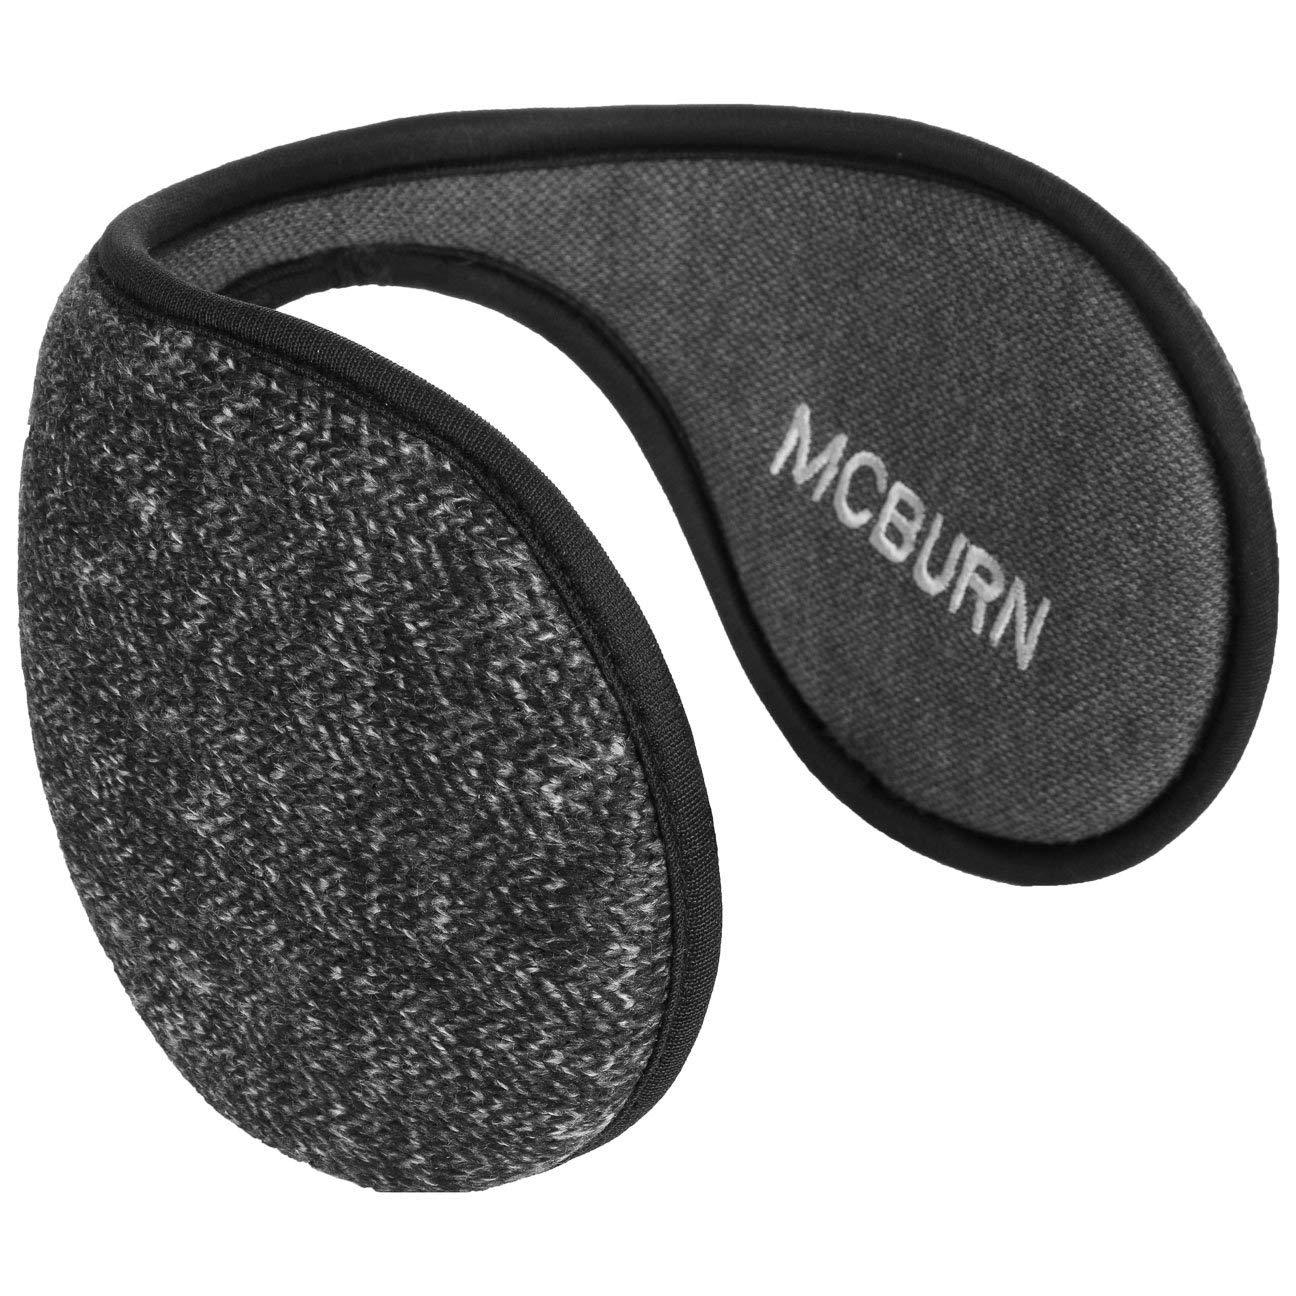 McBurn Melange Knit Earband Ear Warmers Muffs